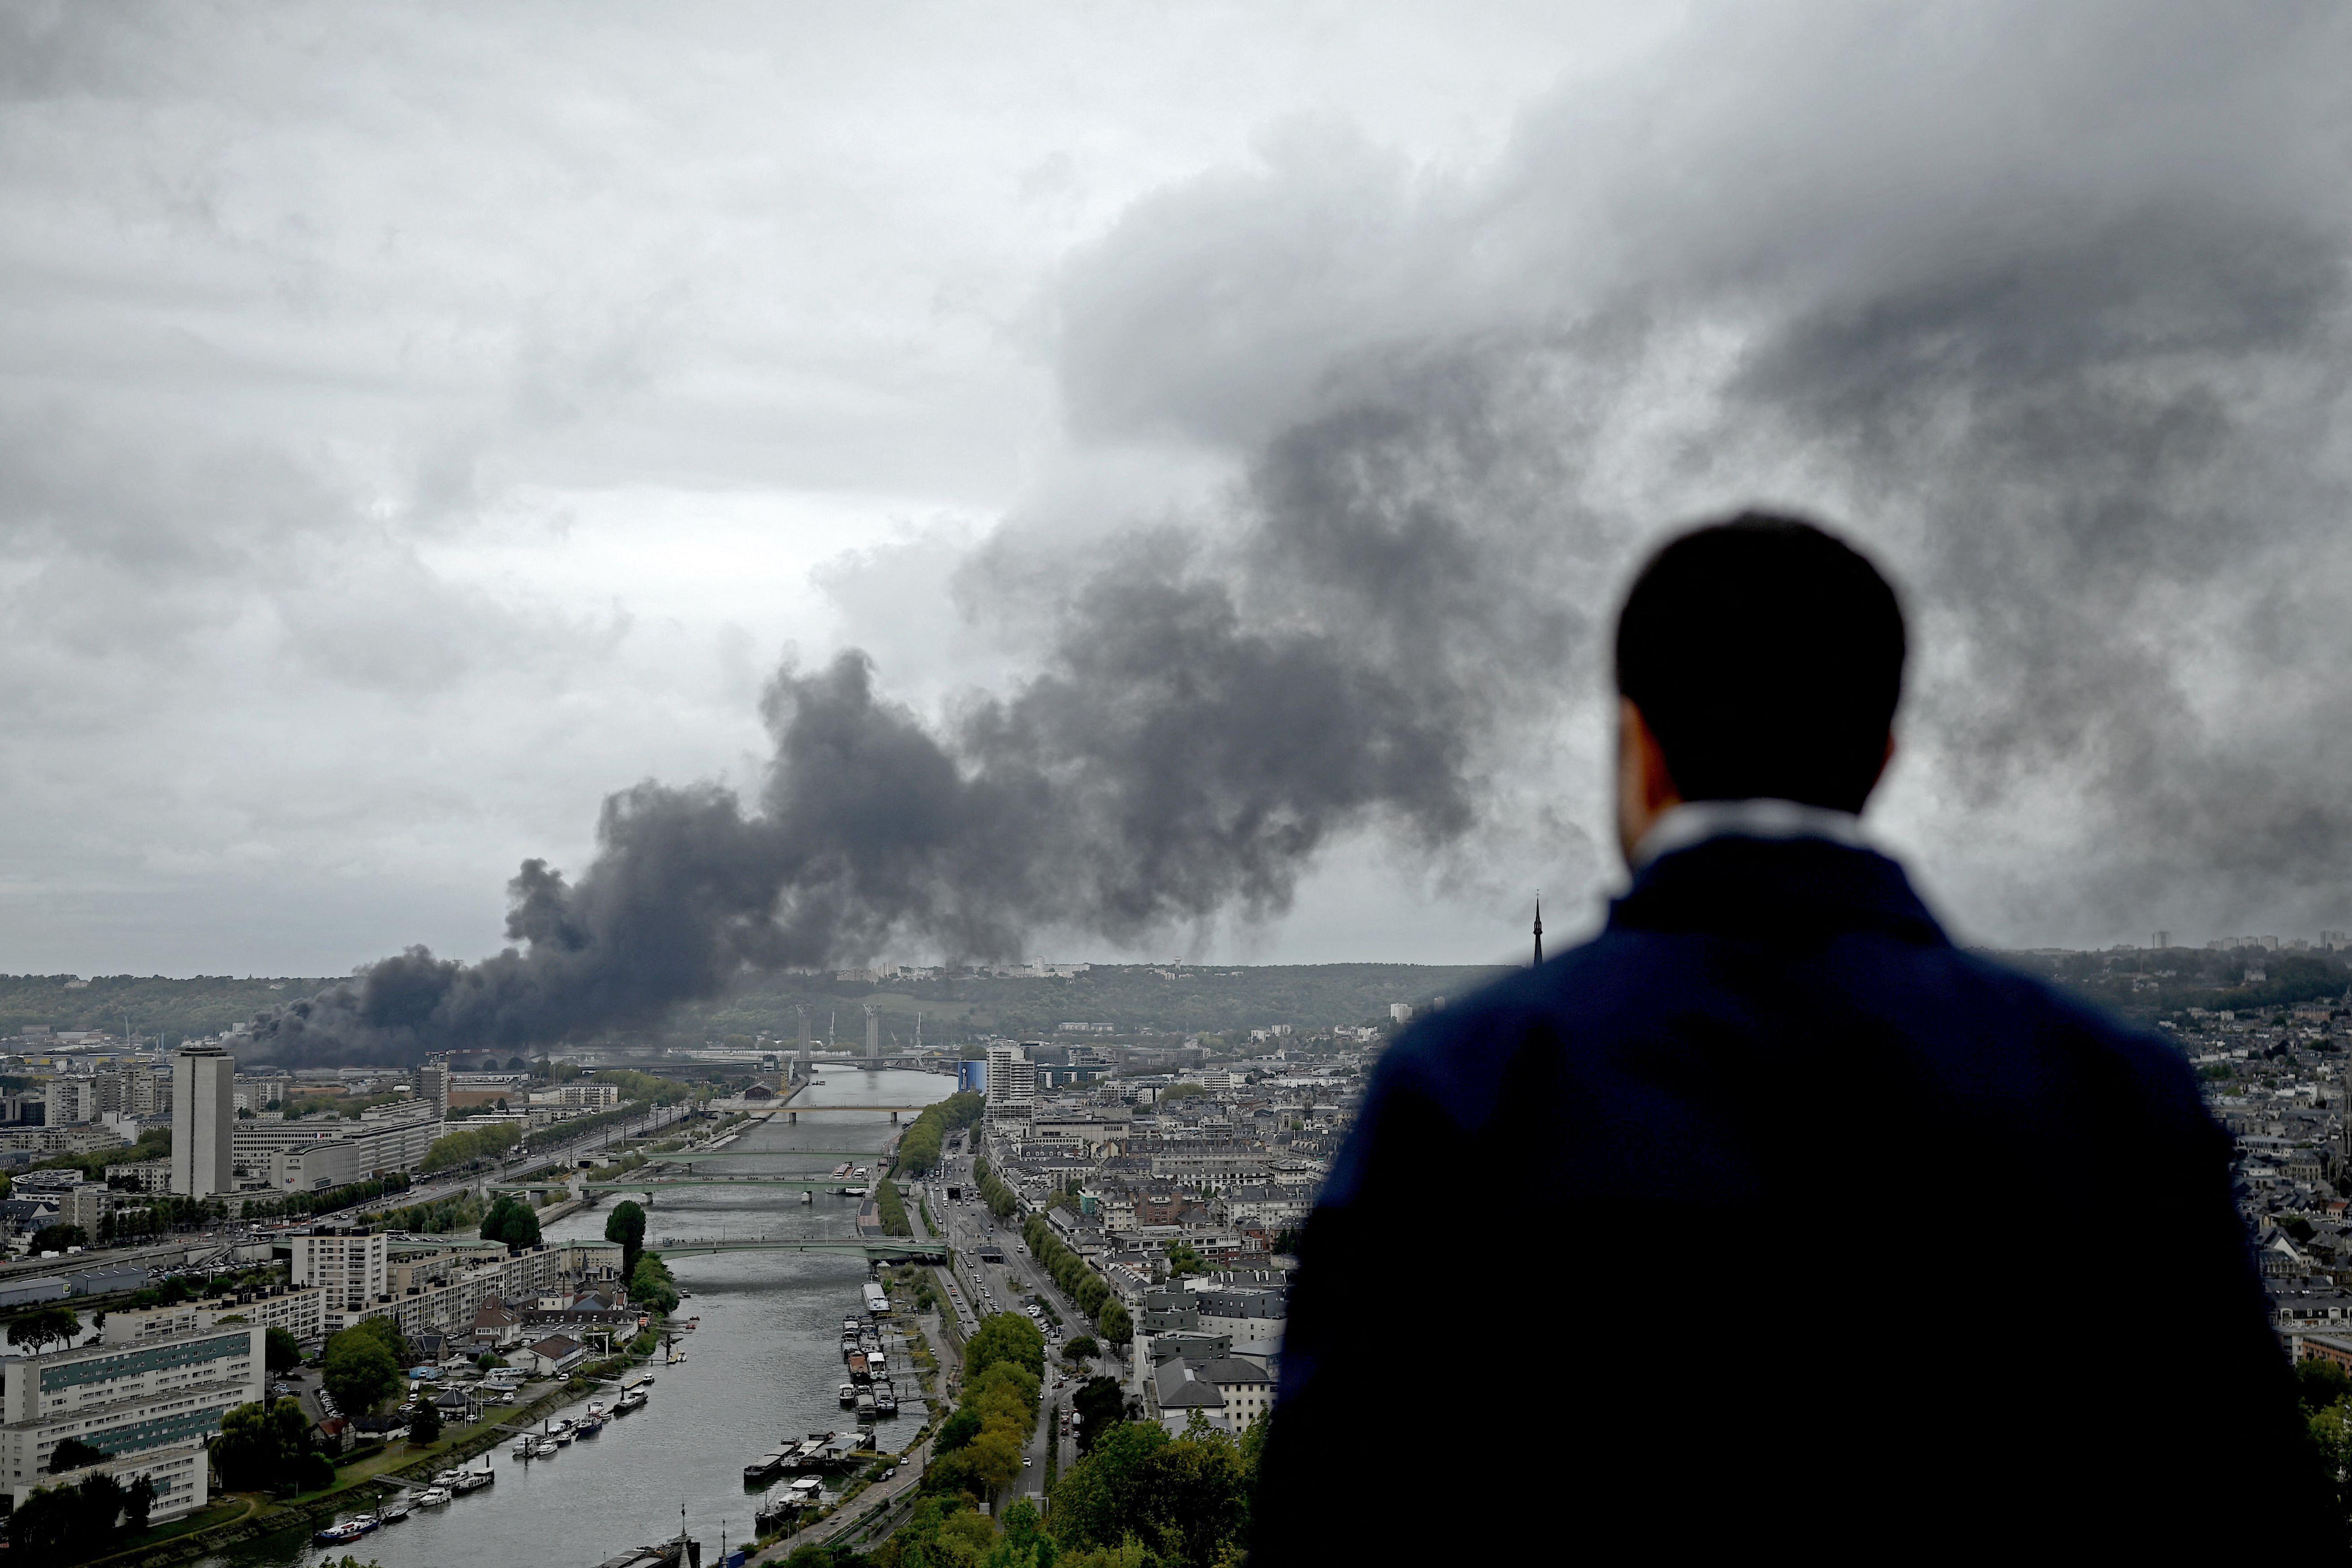 Des sources proches de l'usine Lubrizol à Rouen ont bien été polluées par l'incendie de septembre 2019